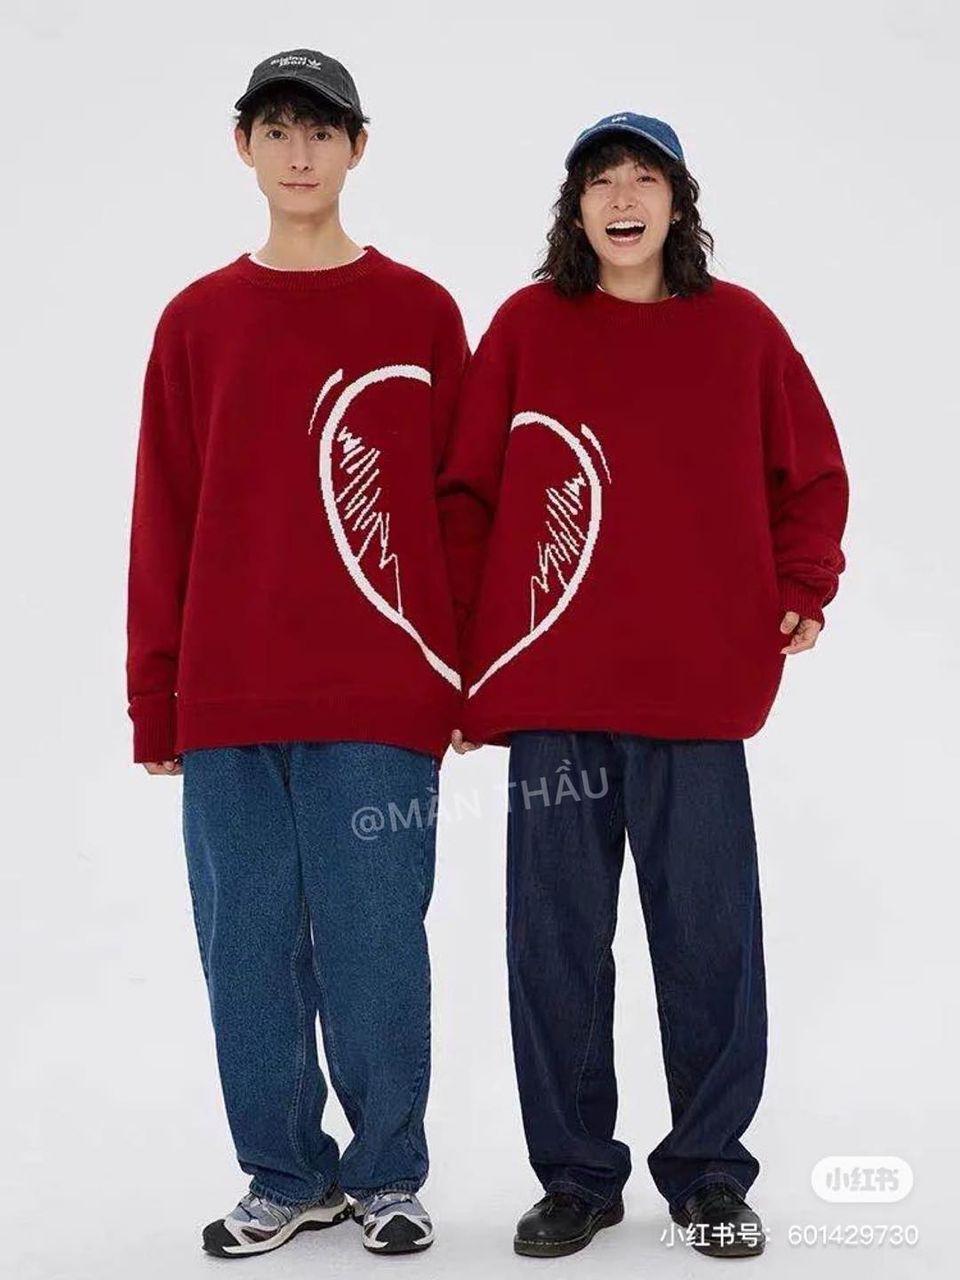 Cái kết đắng lòng khi mặc đồ đôi với người yêu - 2